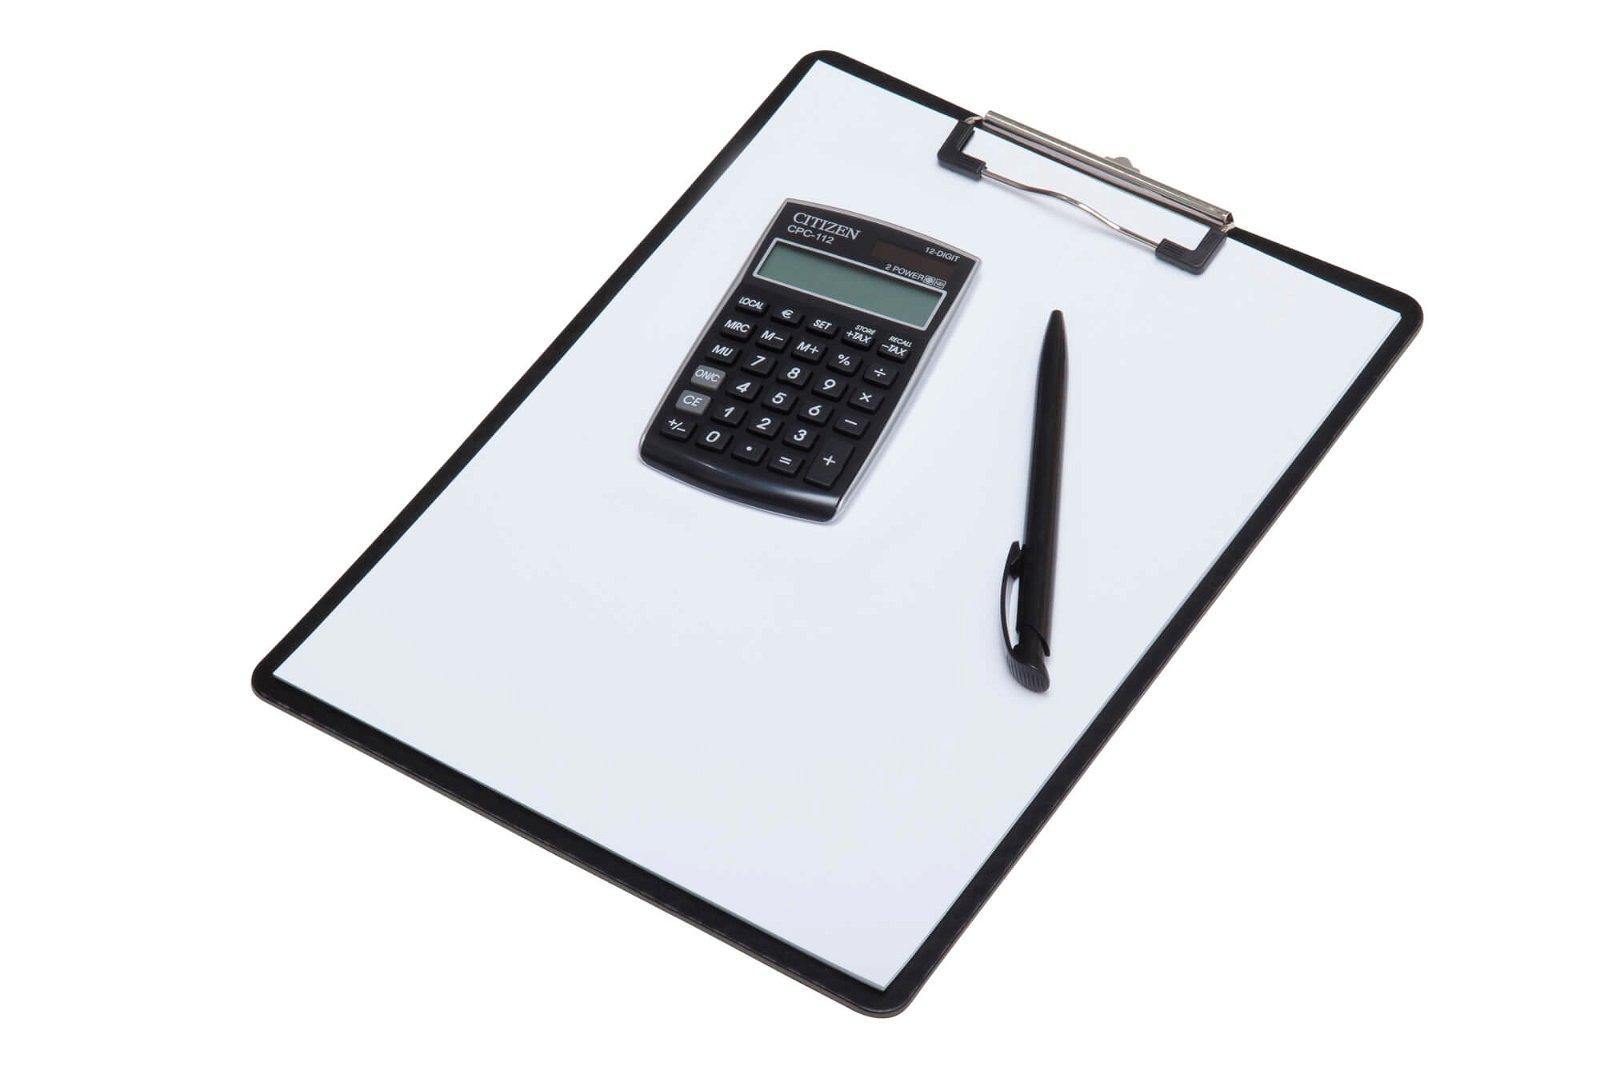 Taschenrechner CPC 112BKWB, schwarz